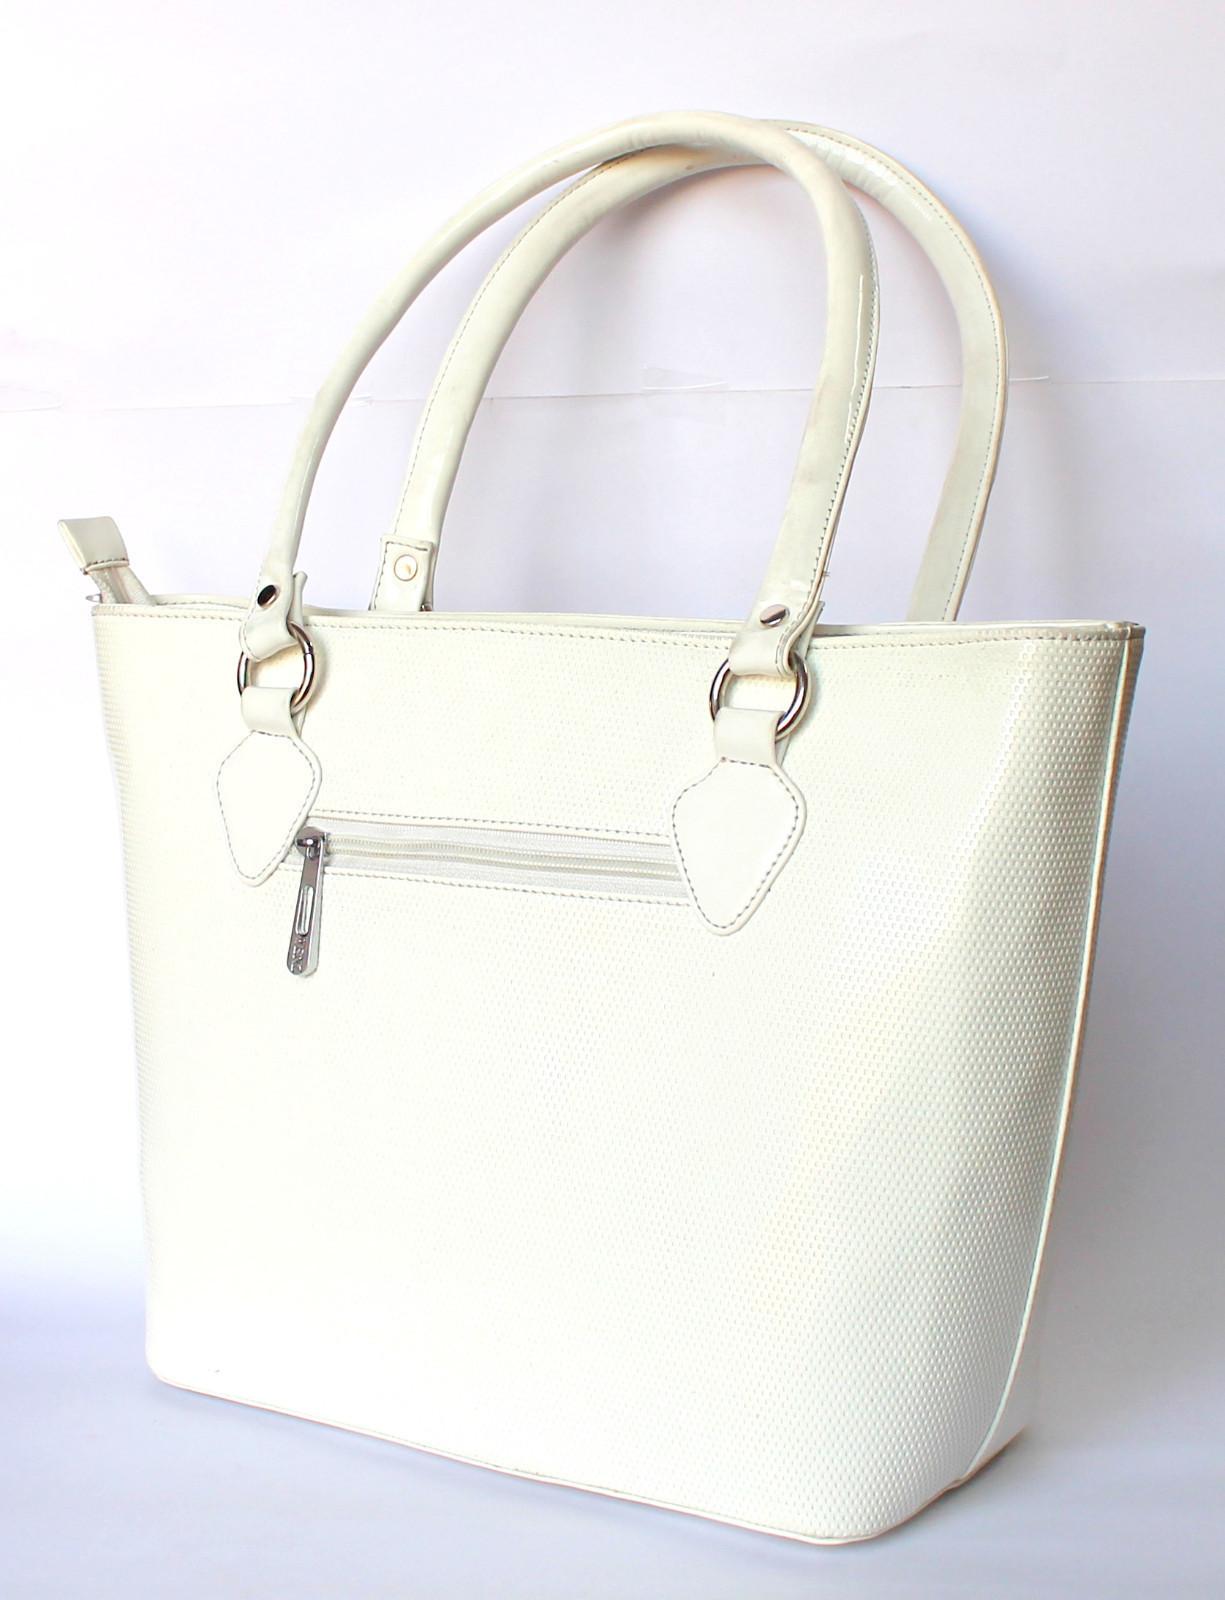 StonKraft Designer Branded Faux Leather Ladies Baguette Shoulder Bag  Shoulder Bag Off-White 595cd504860e7